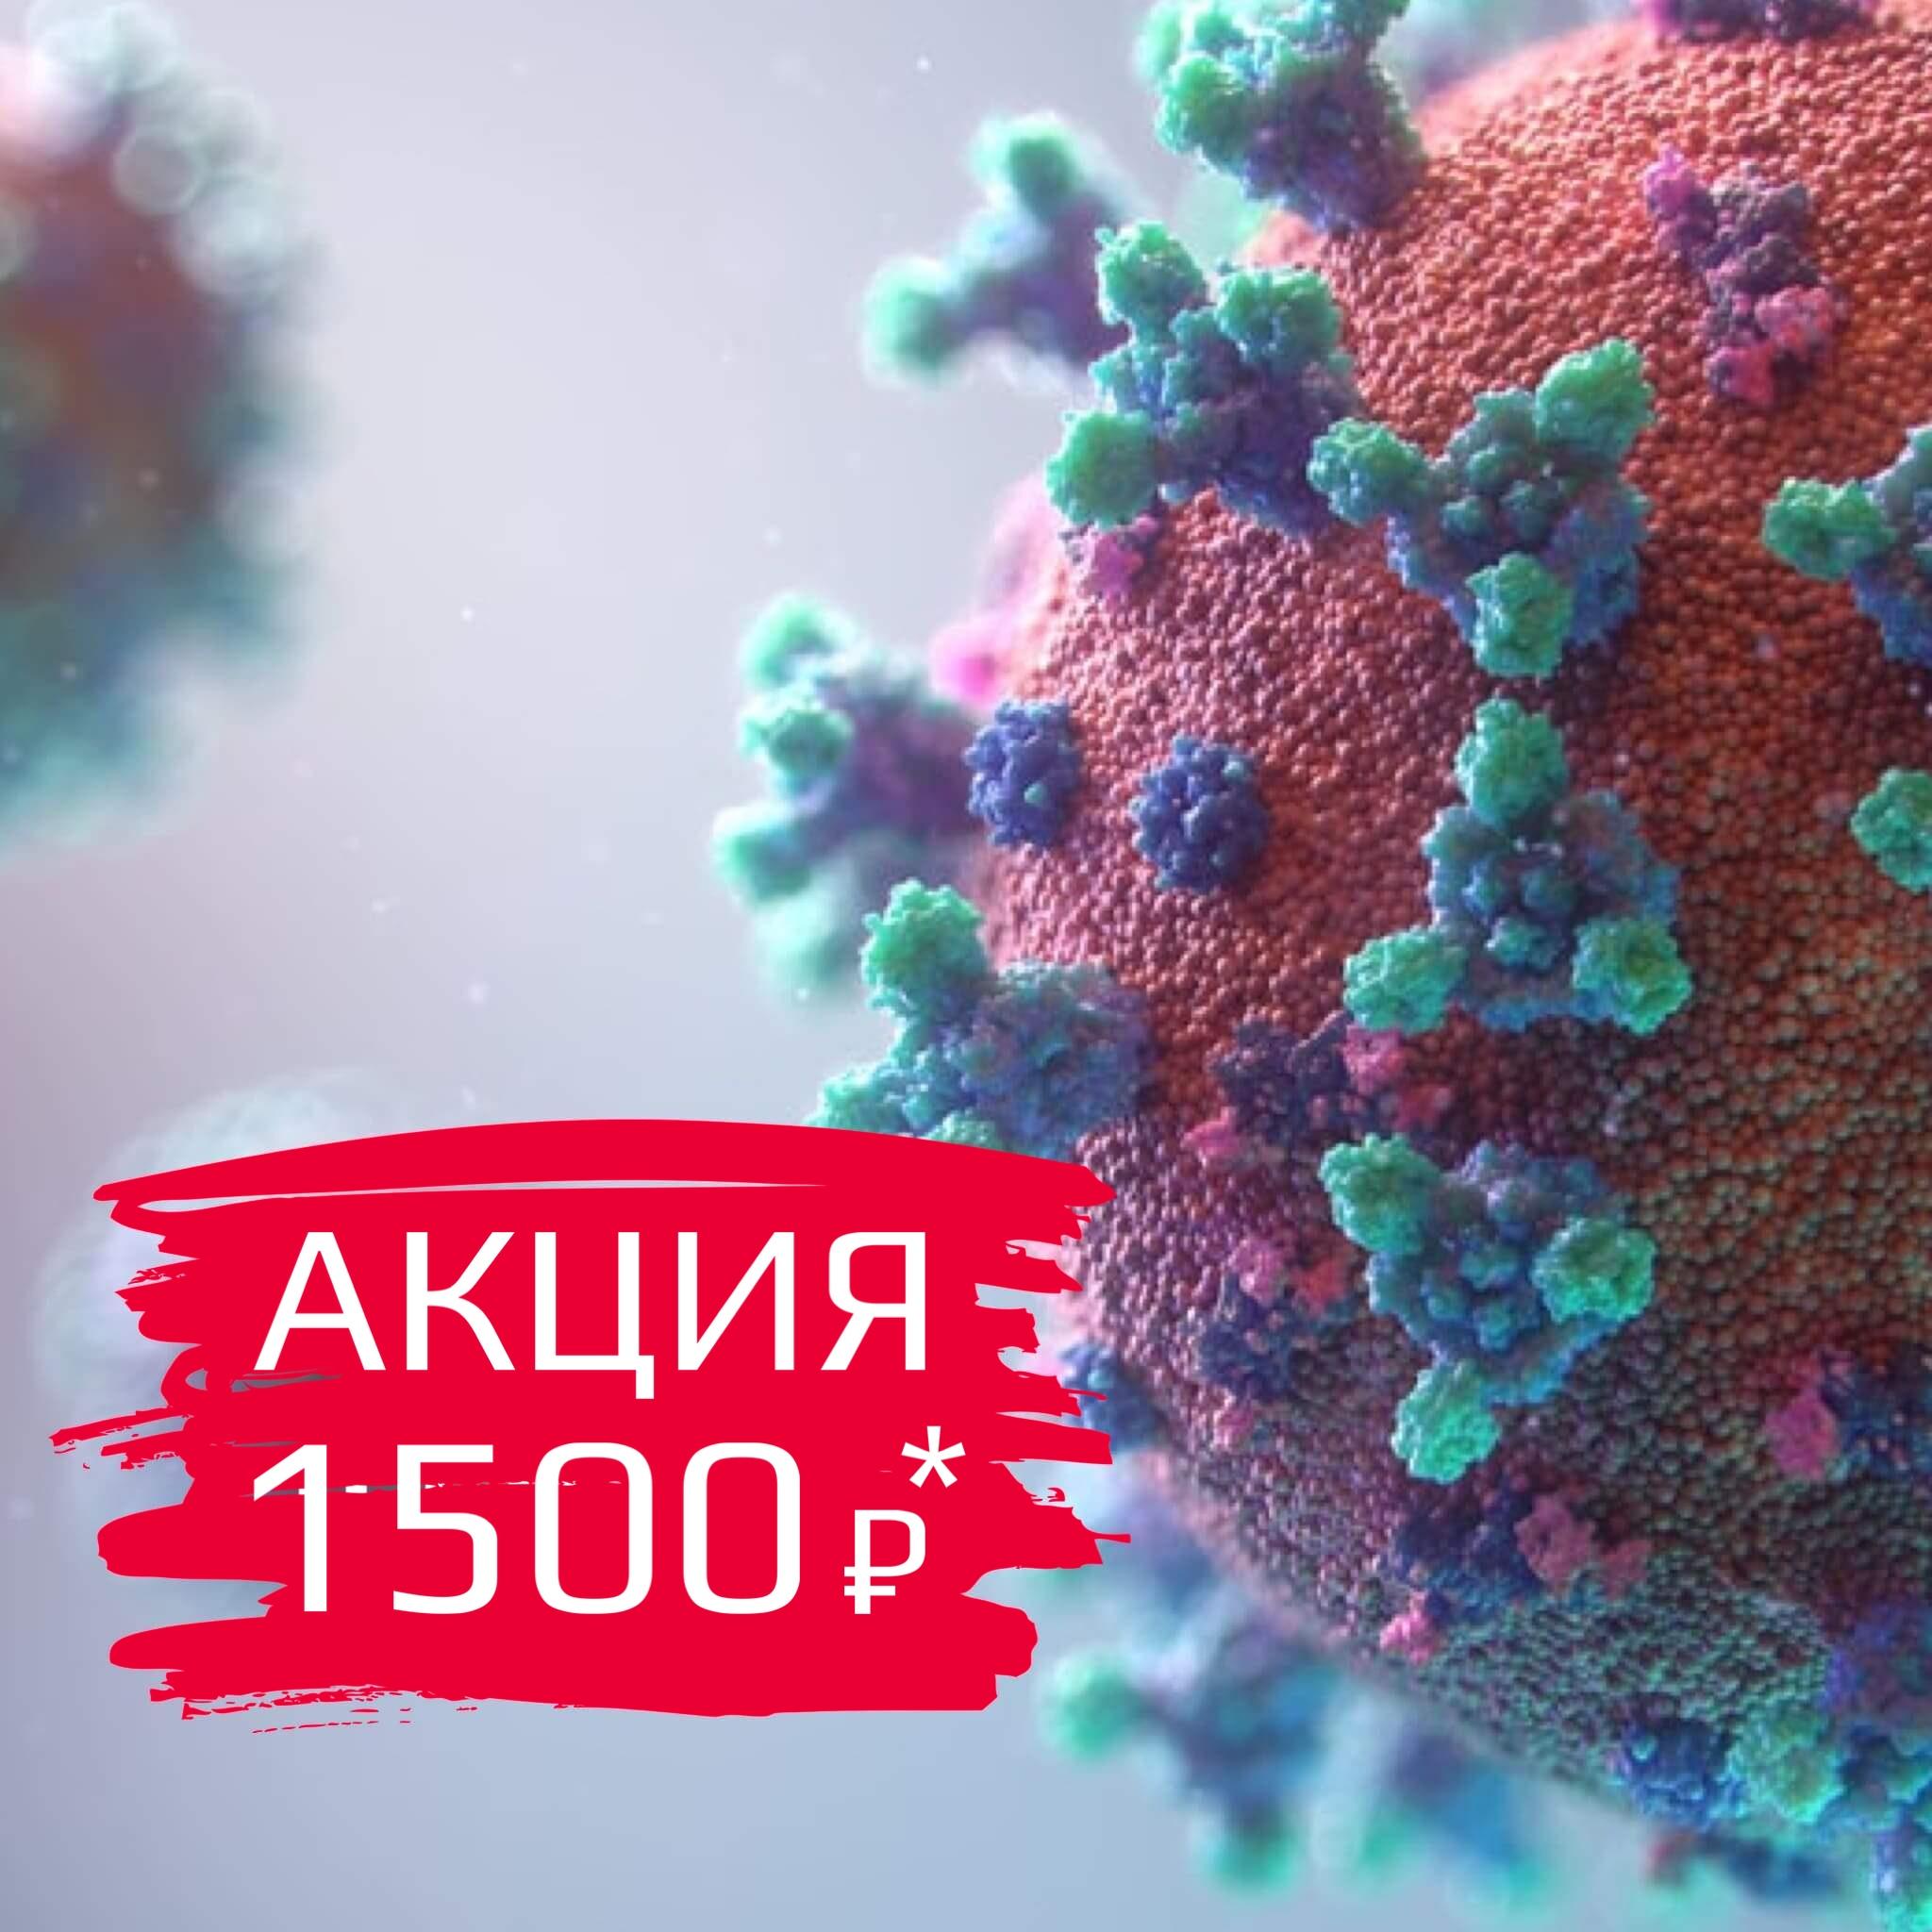 Коронавирус (SARS-CoV-2) ПЦР мазок до 2 дней + результат на русском и английском языках**